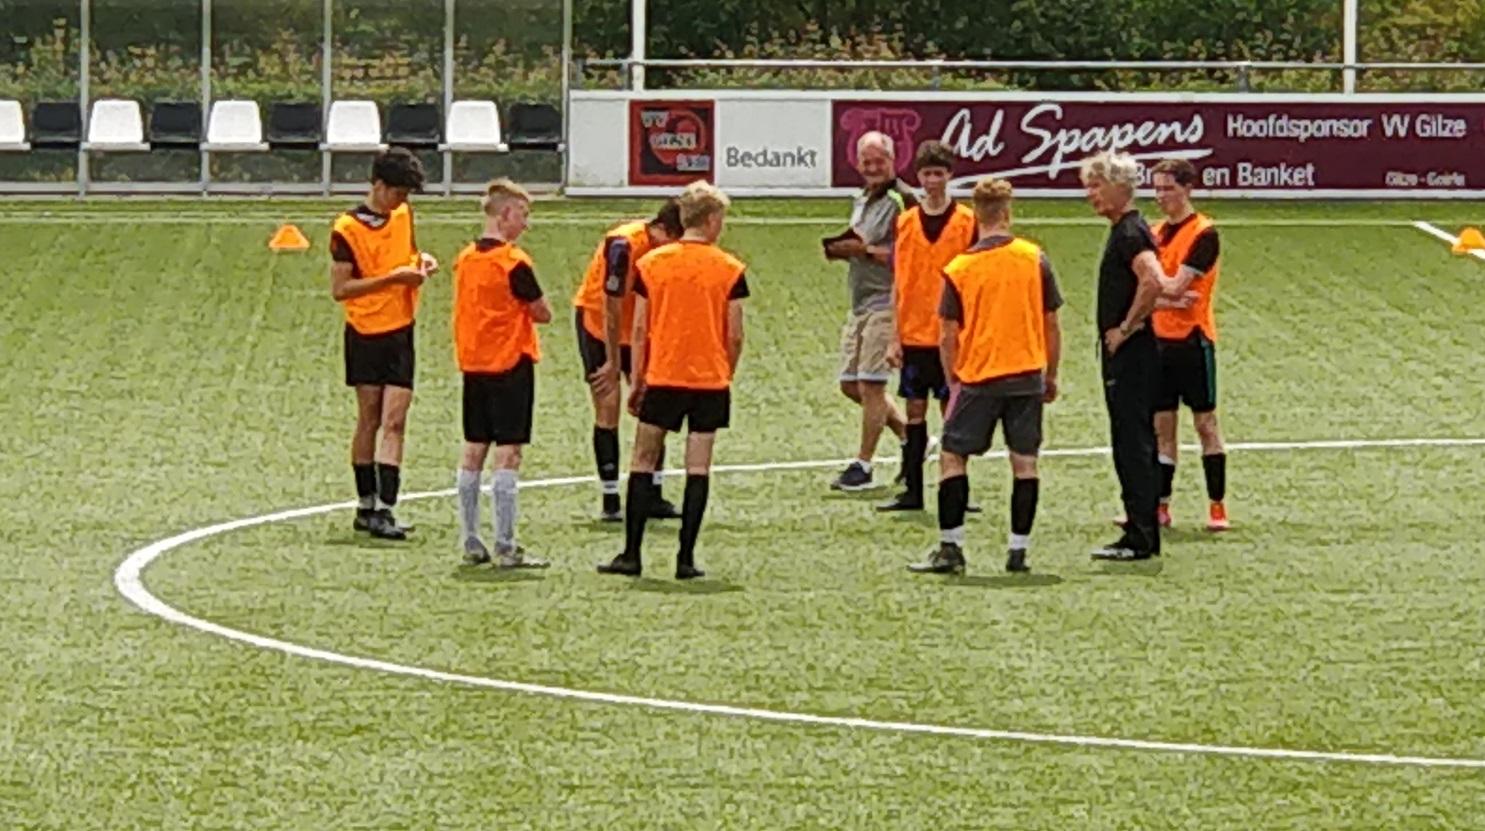 JO17-1 krijgt training van Gertjan Verbeek